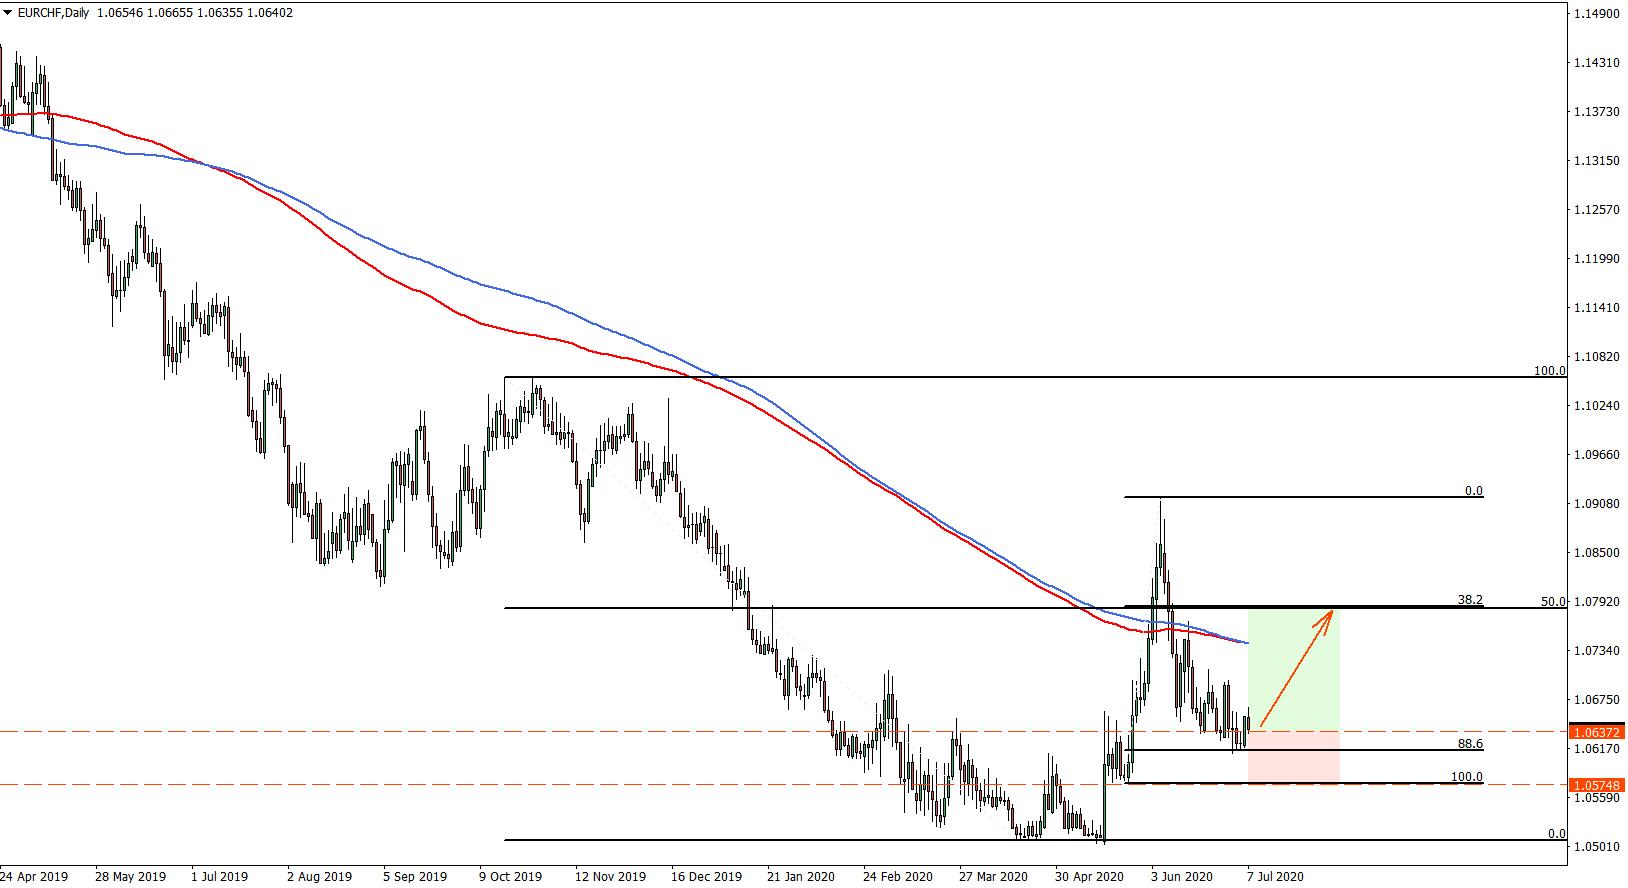 EURCHF Daily Chart Trade Idea